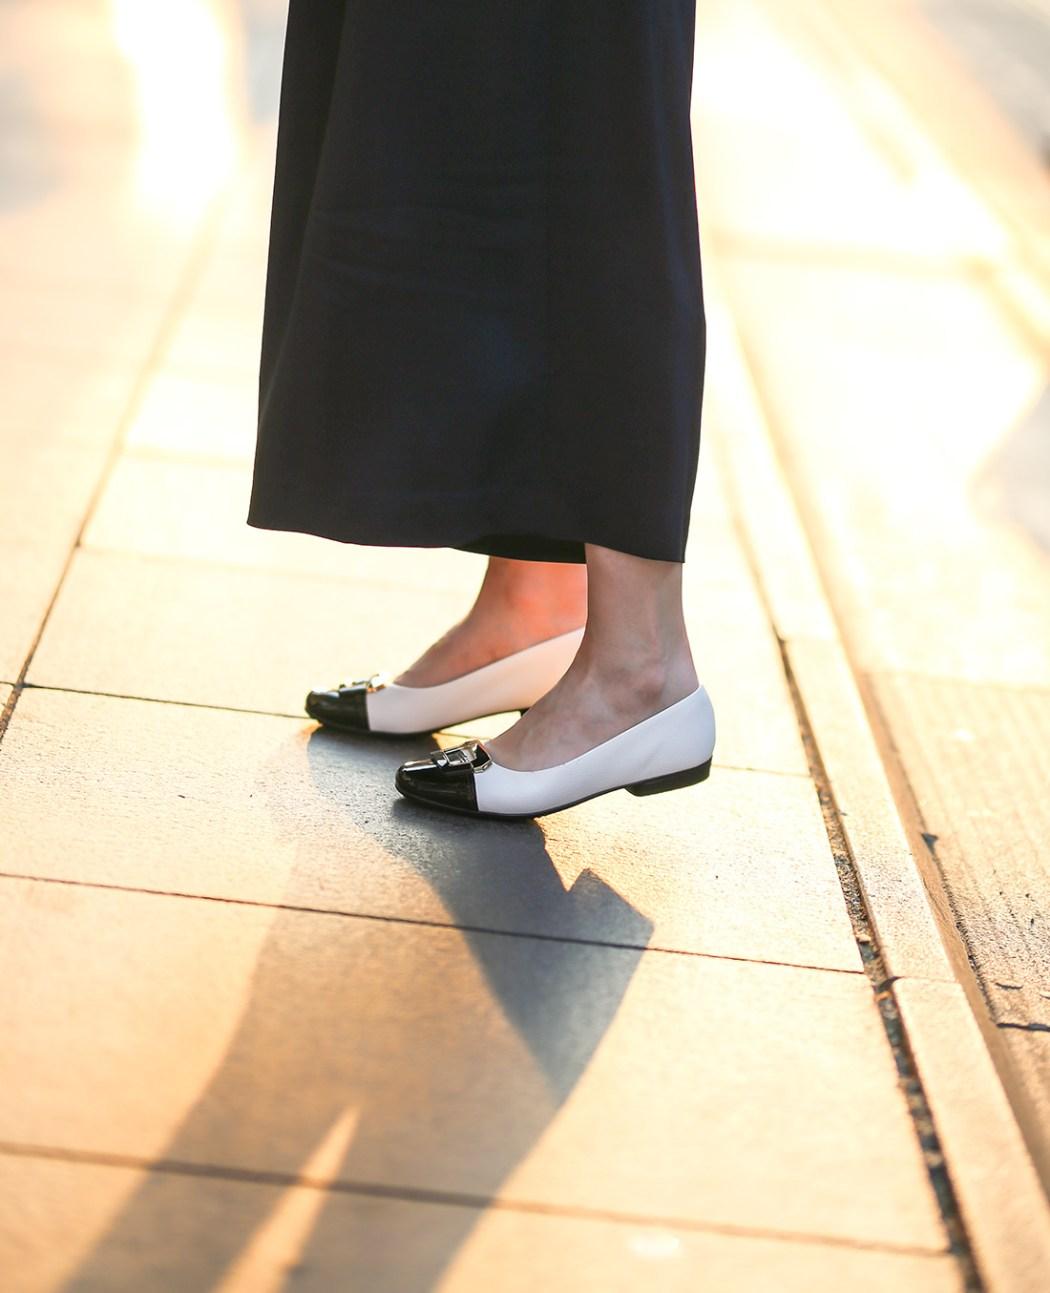 Više od pola milijuna žena tvrdi da su ovo najudobnije cipele na svijetu